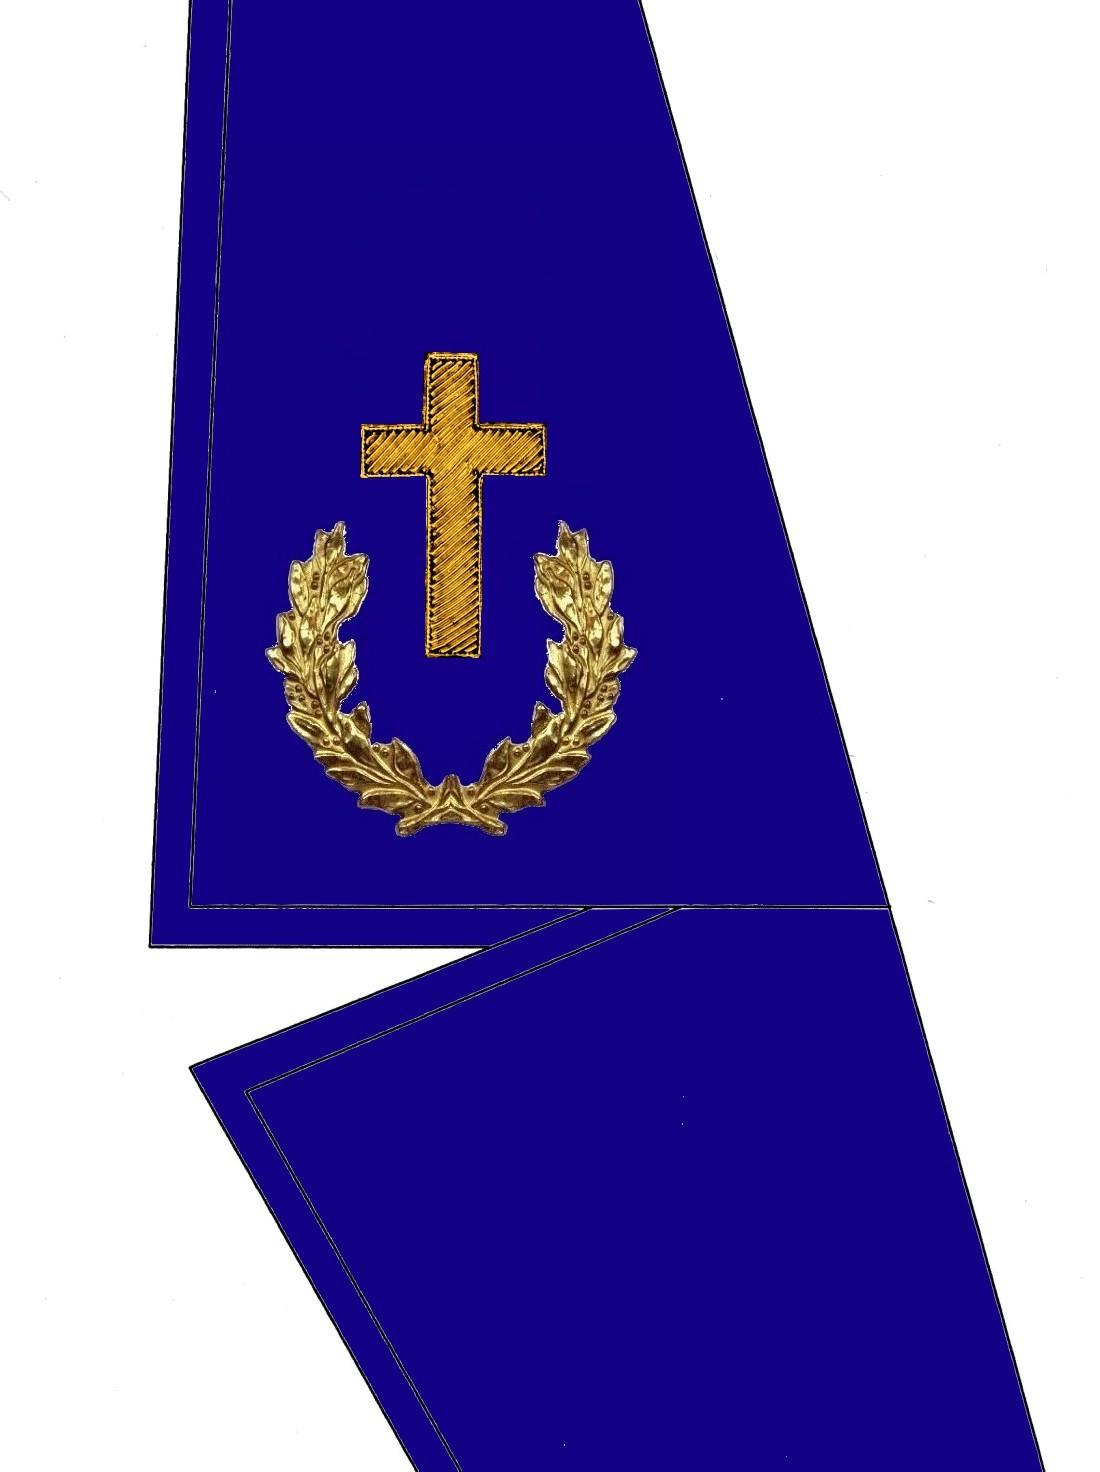 0304-kragen-rangabzeichen-bundeskurat-hg-blau